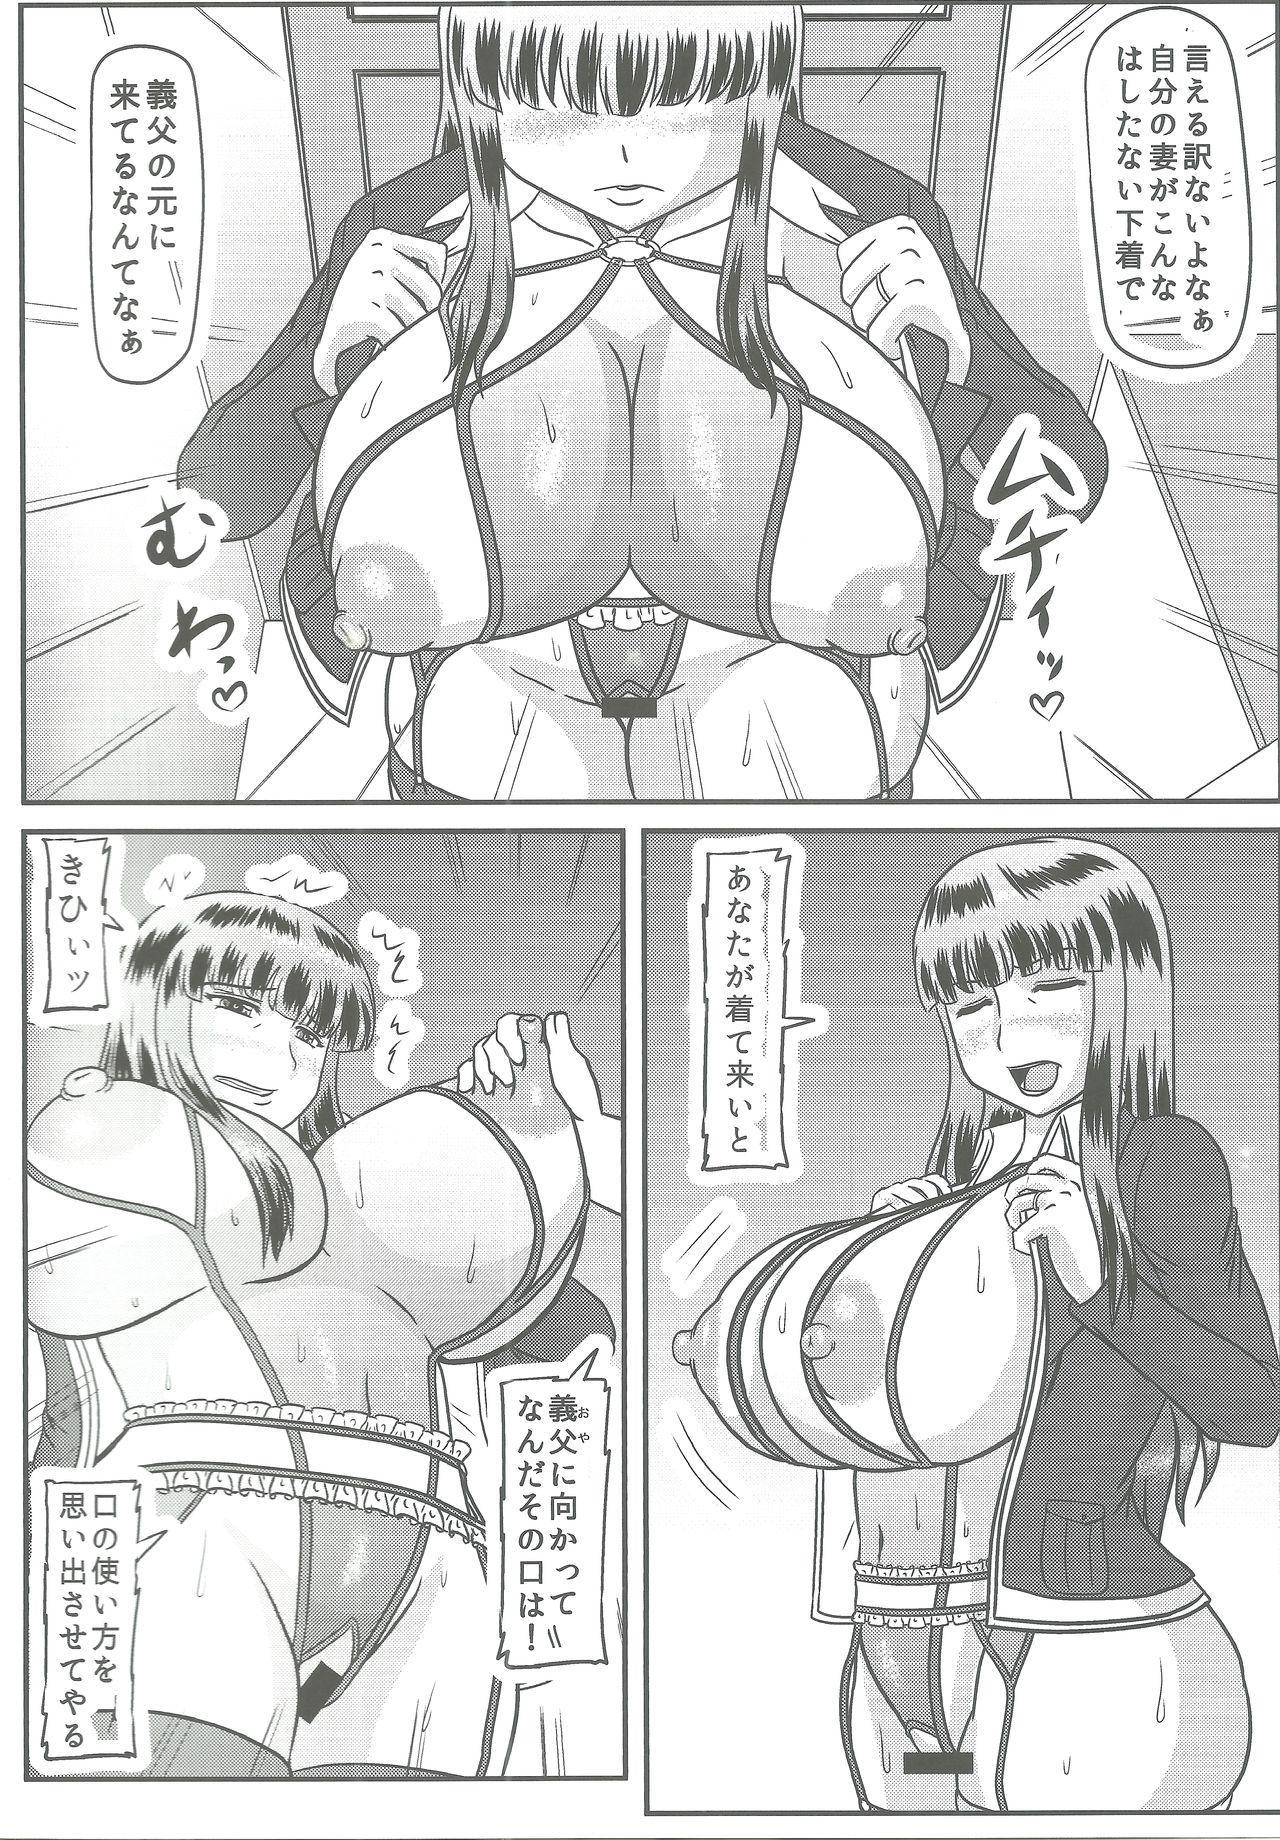 Gifu Joufu Iemoto 2